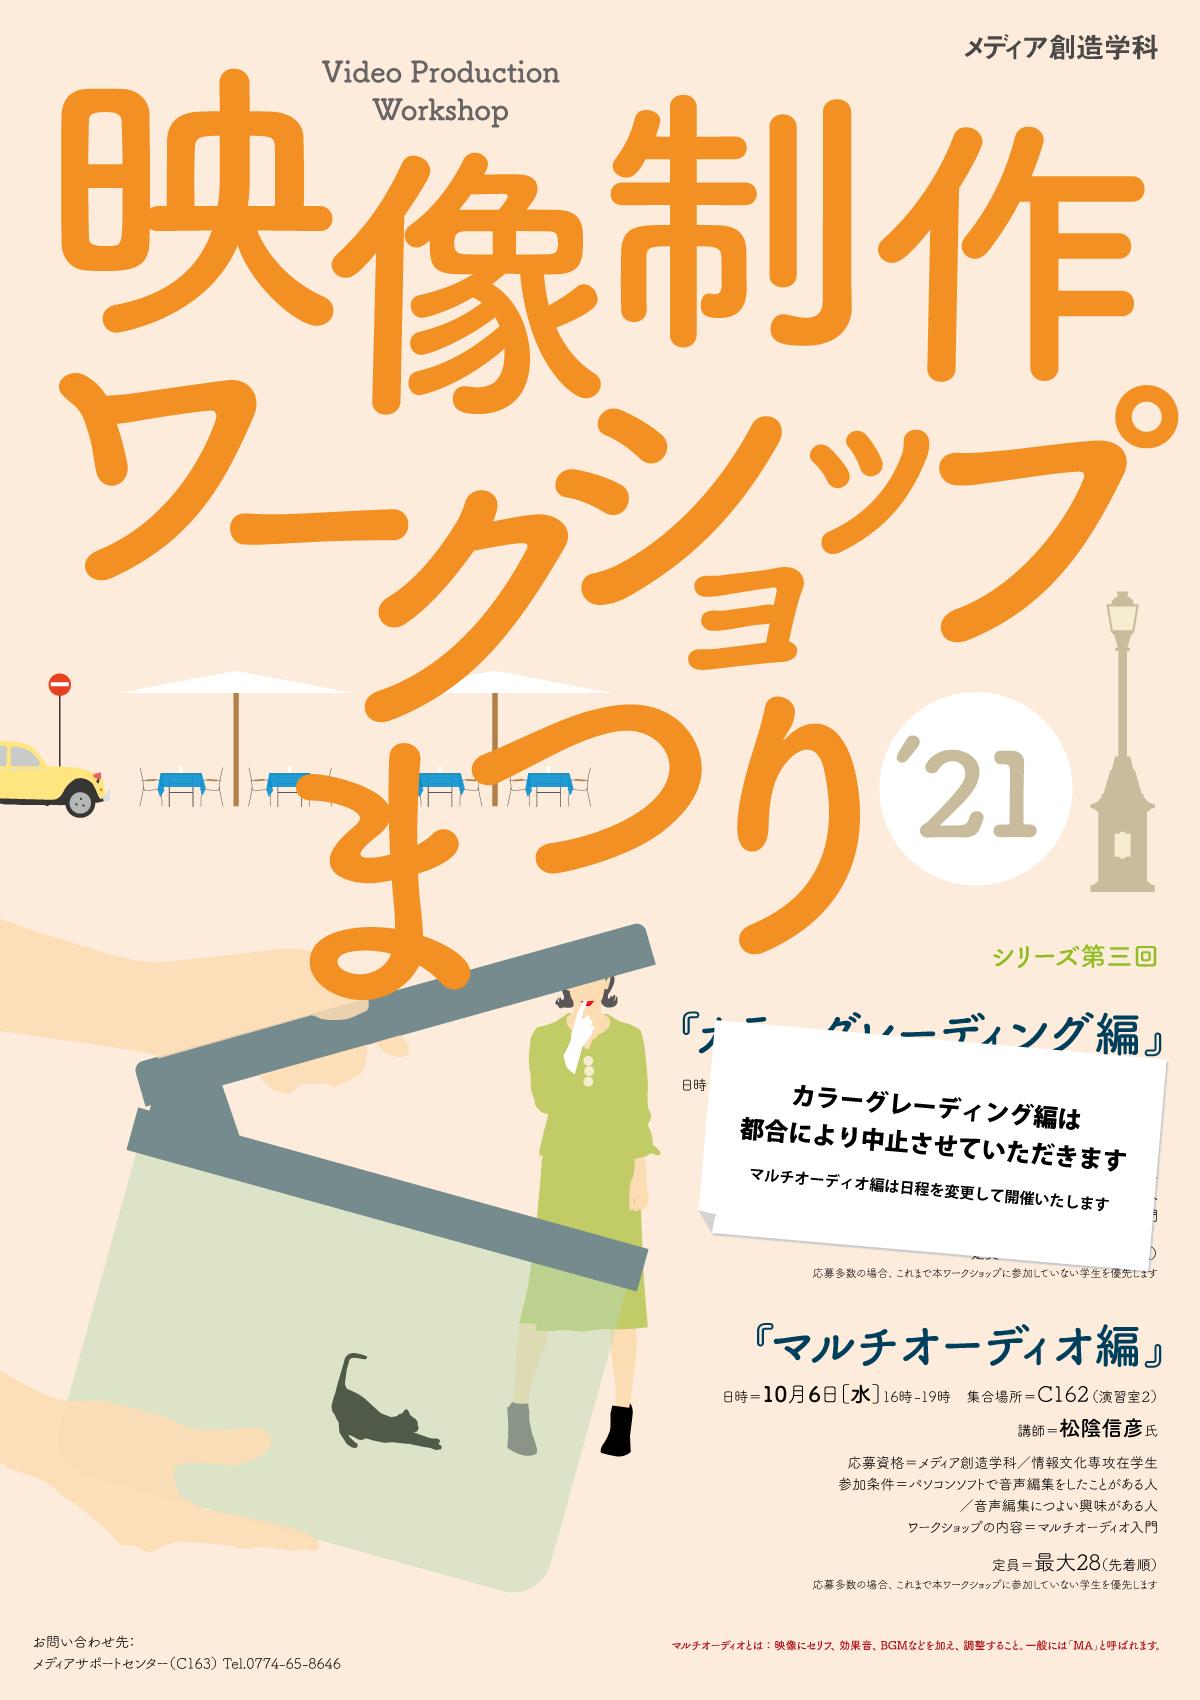 映像制作ワークショップまつり2021【マルチオーディオ編】